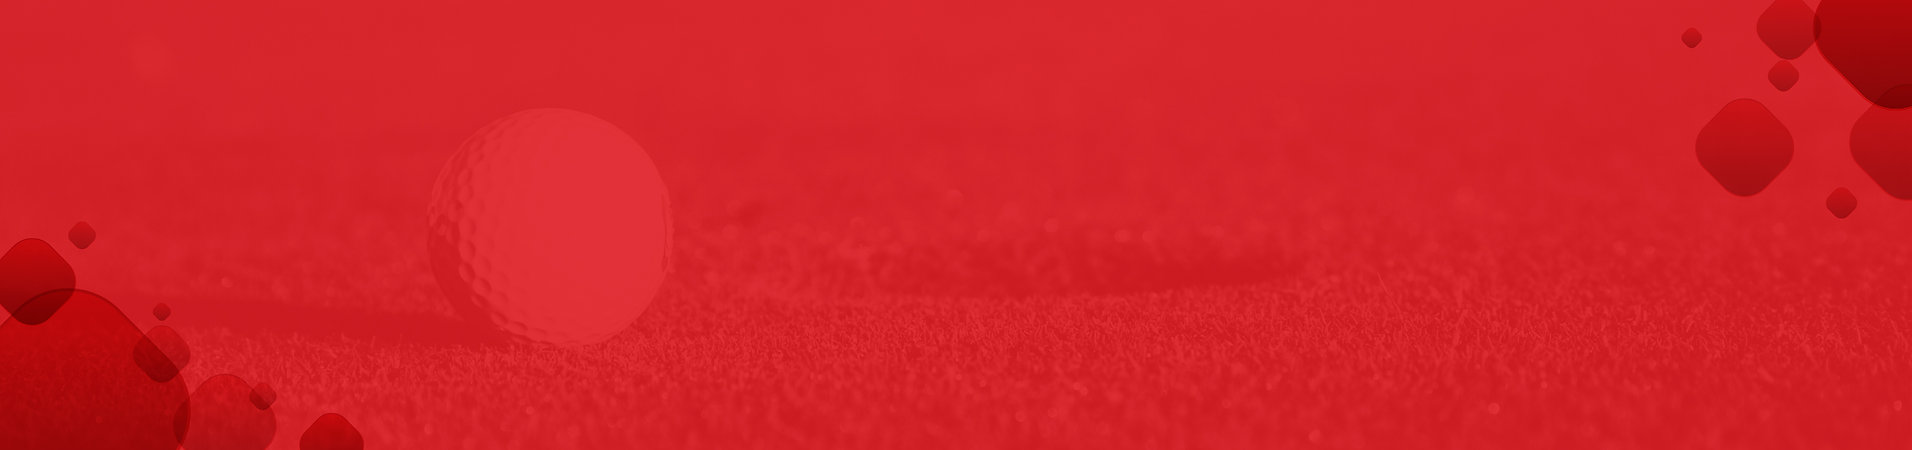 대회 스코어.jpg